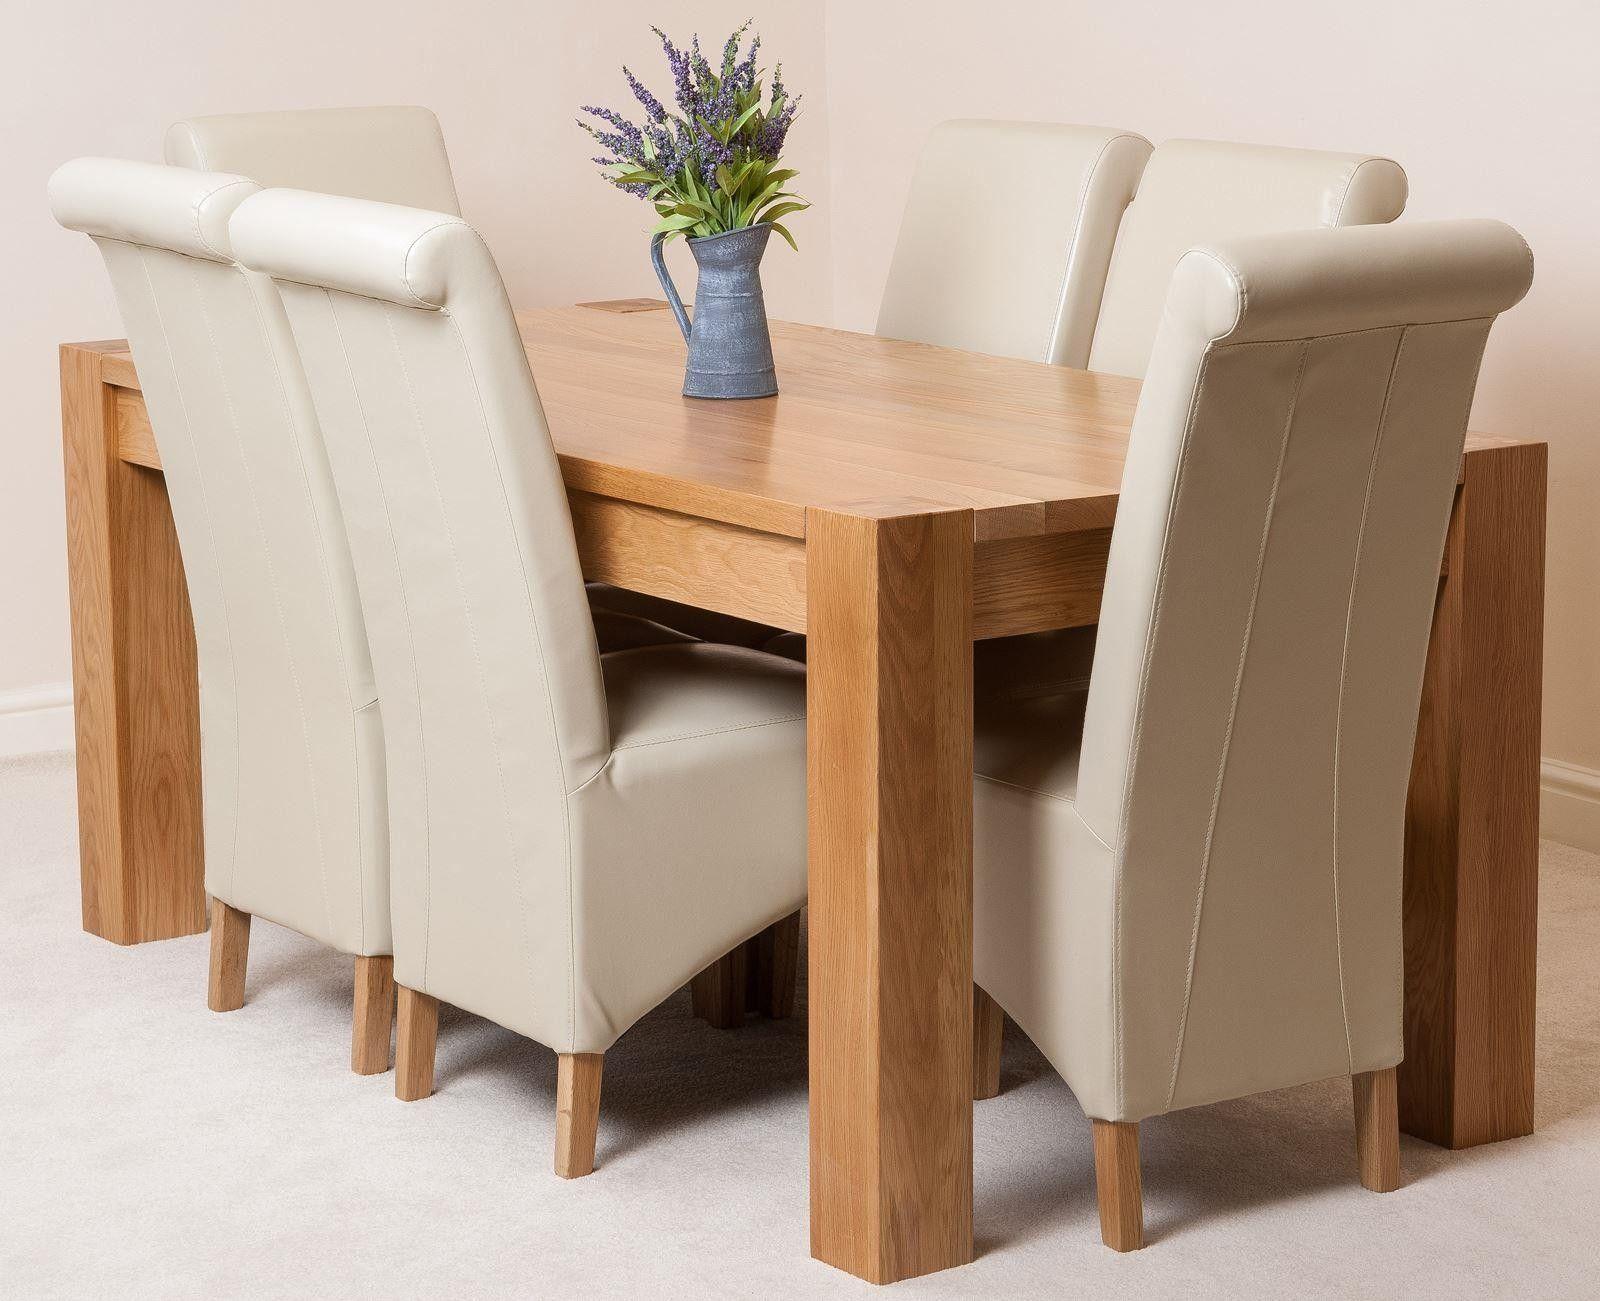 Zurück Esszimmer Stühle Leder Tisch, Stühle, Eimer, Stühle Esstisch Mit  Leder Stühle Esszimmer